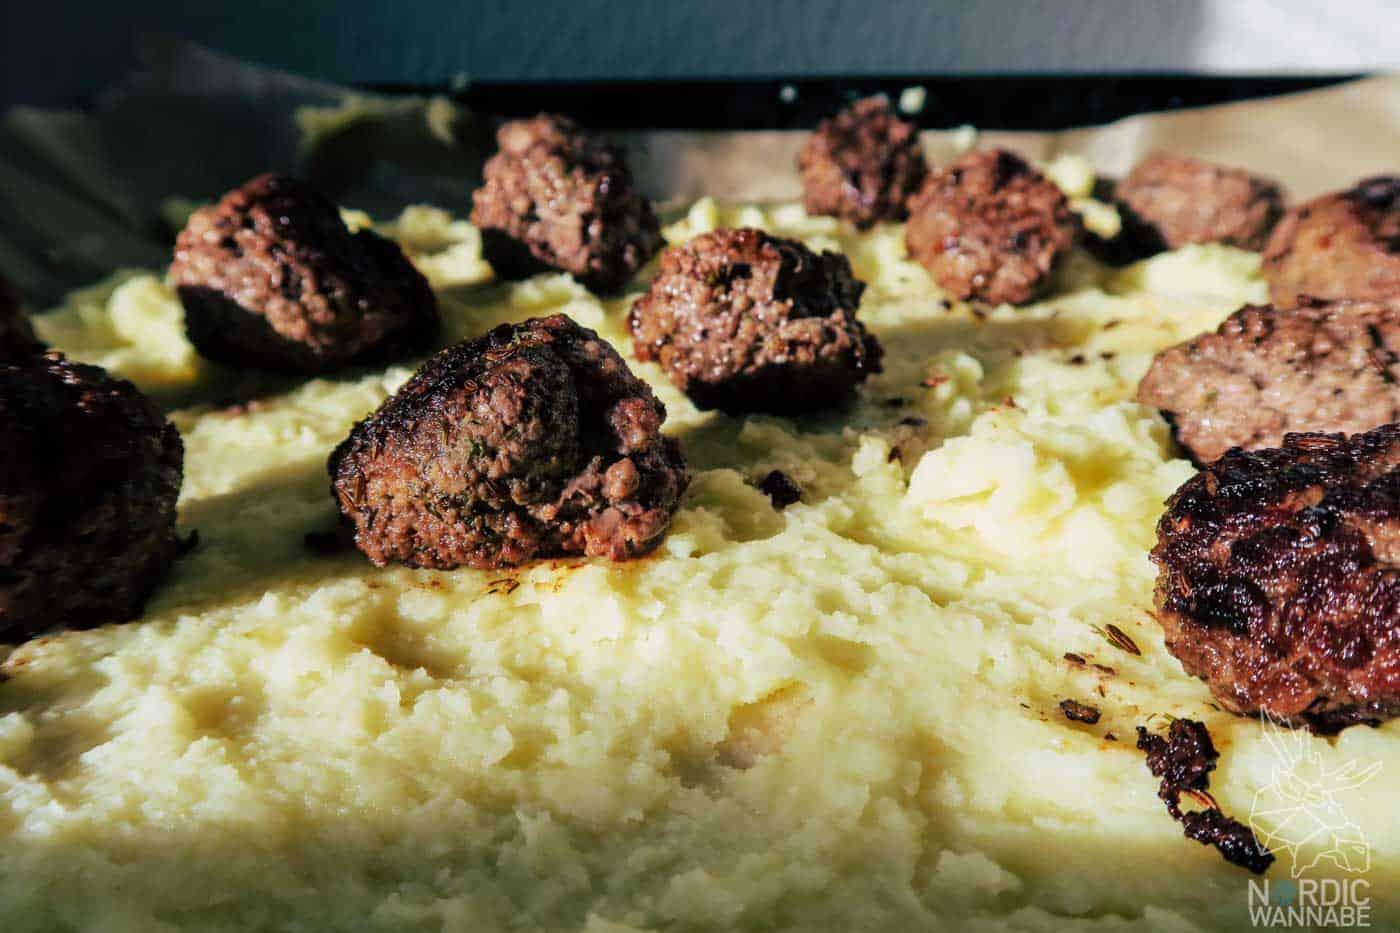 Köttbullar-Flammkuchen, Rezept, Schweden, Köttbullar, Fleischbällchen, Flammkuchen